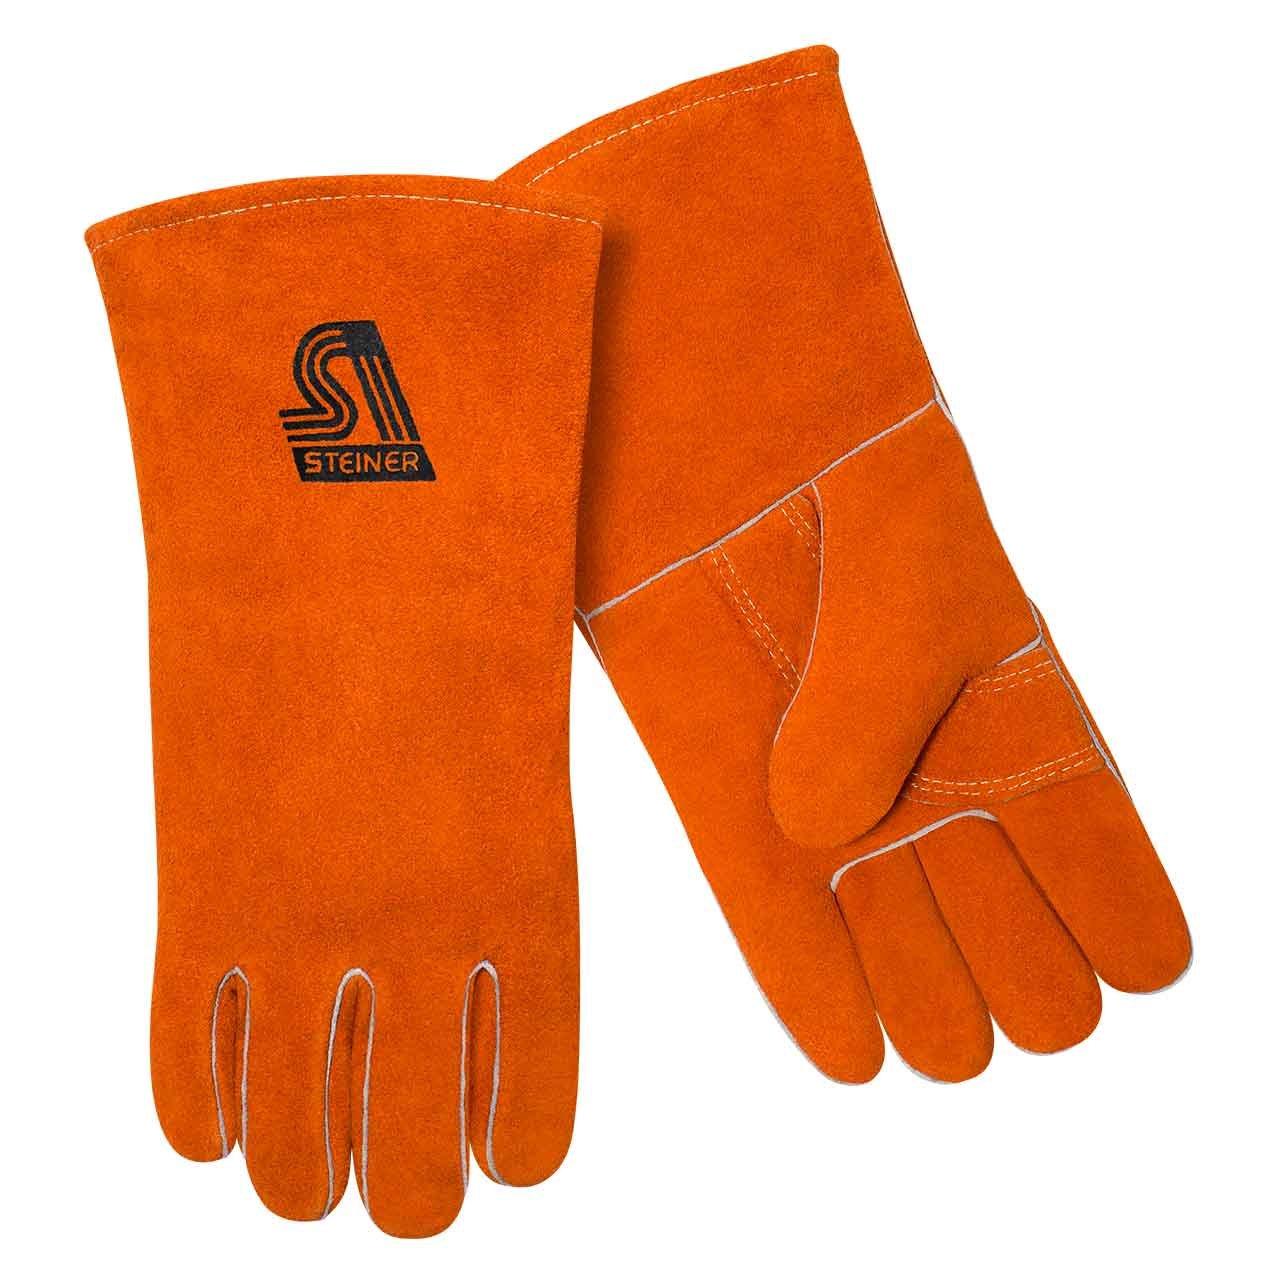 General Duty Leather Welding Gloves - 2119Y by Steiner - - Steiner - 2119Y by Steiner